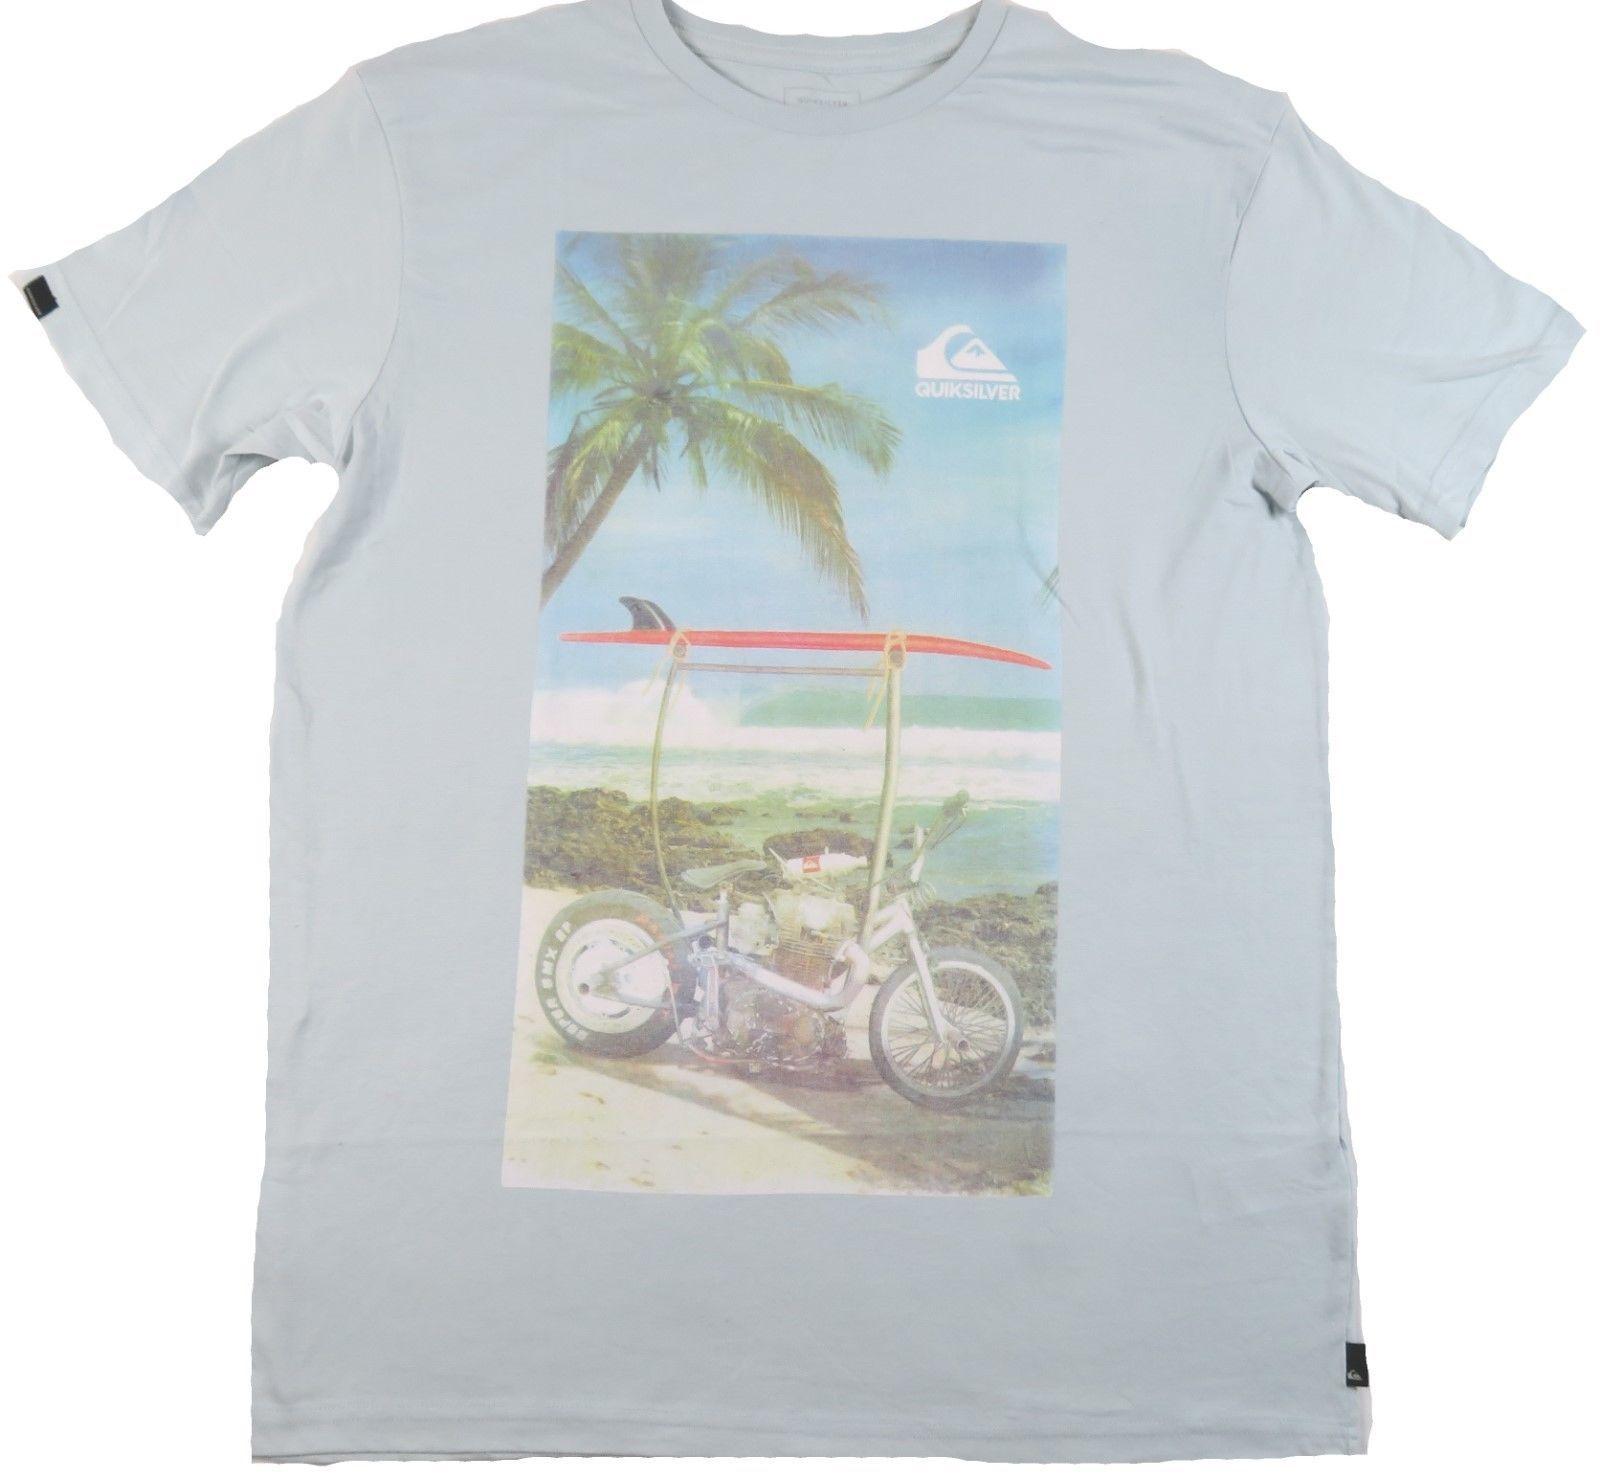 Quiksilver Men's Tee Shirt Surfing Beach Casual Sky Blue Biker Rack T-Shirt